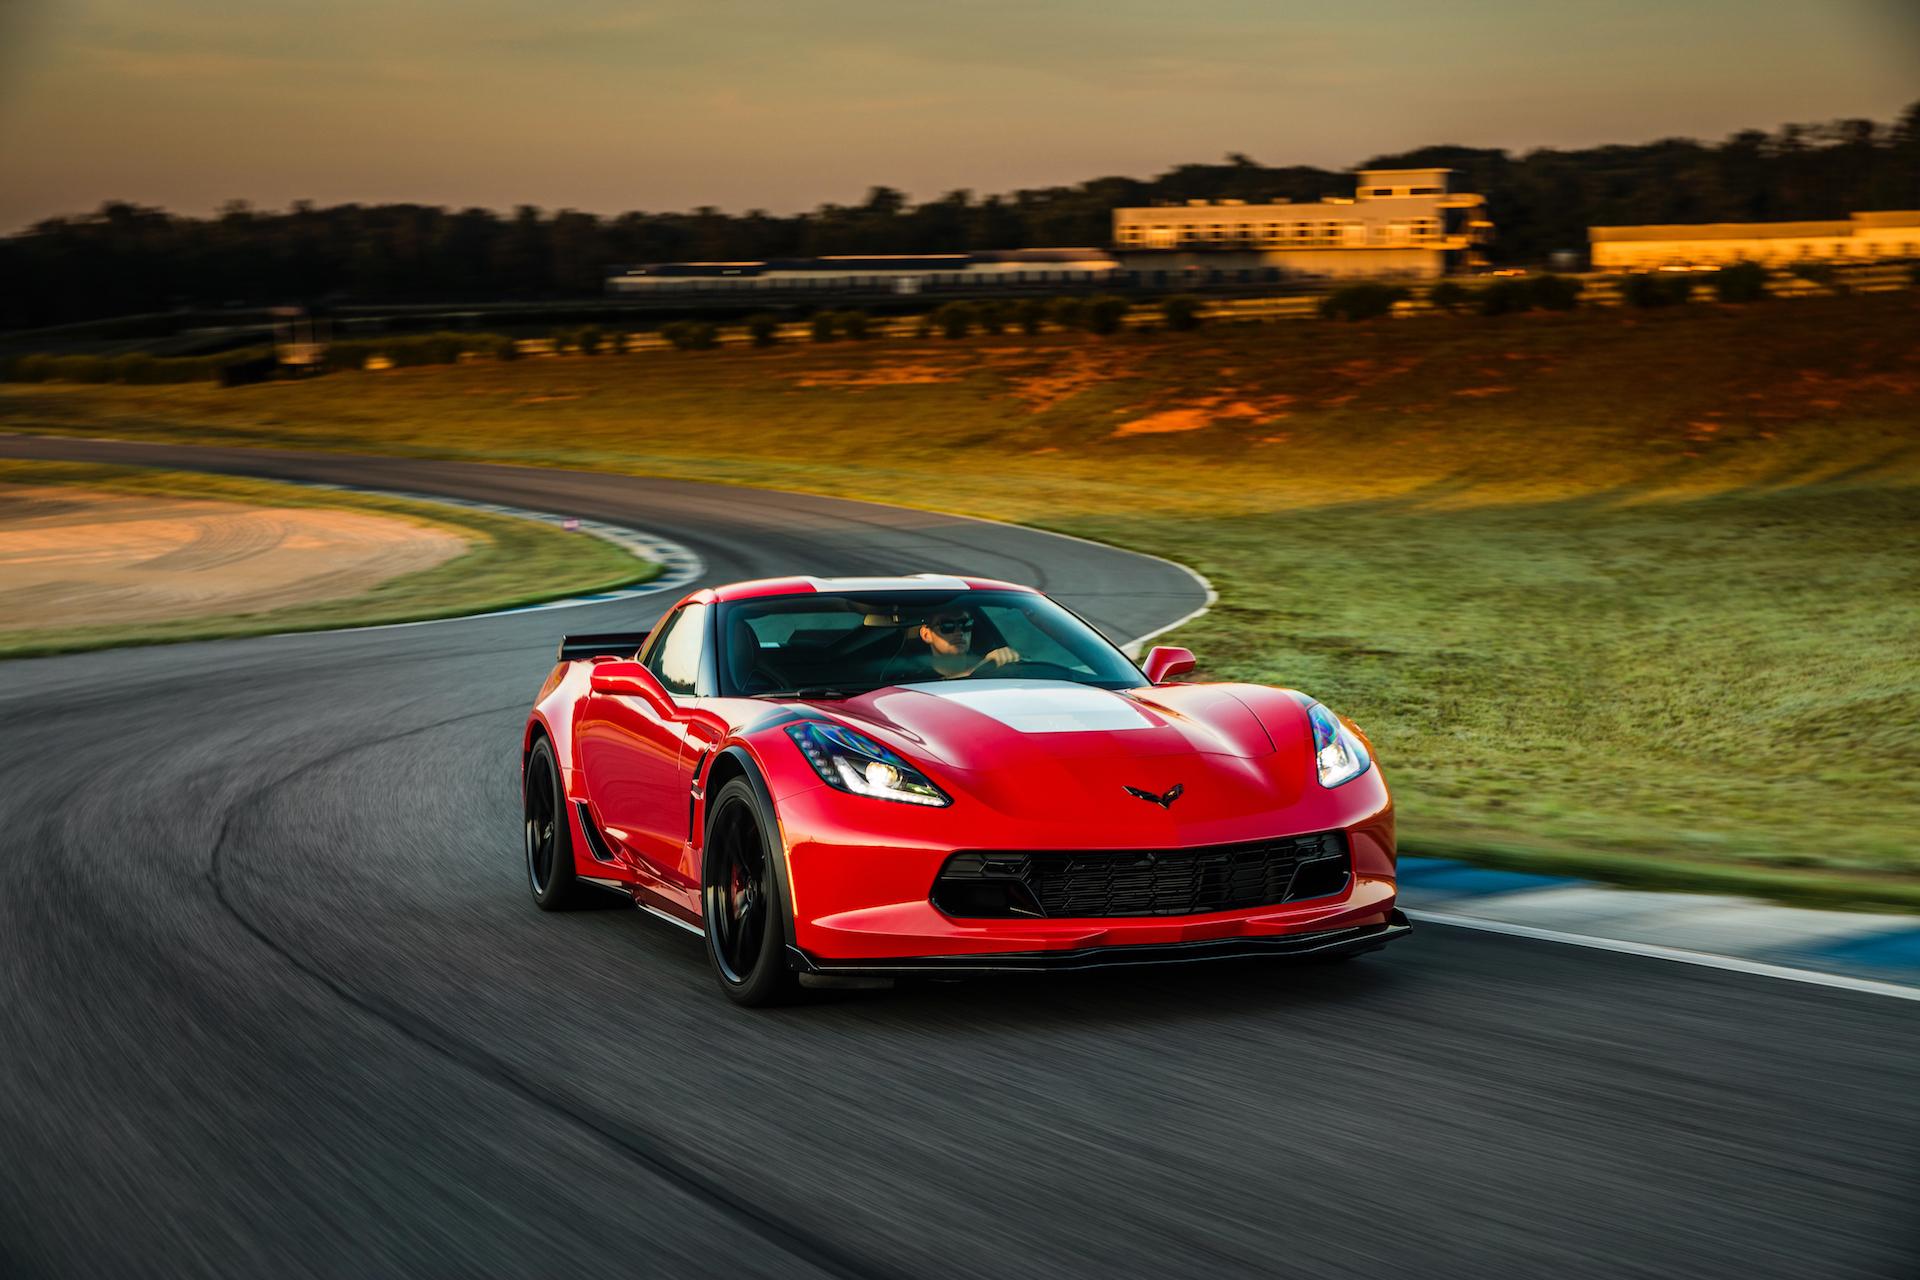 Kelebihan Kekurangan Corvette Camaro Spesifikasi